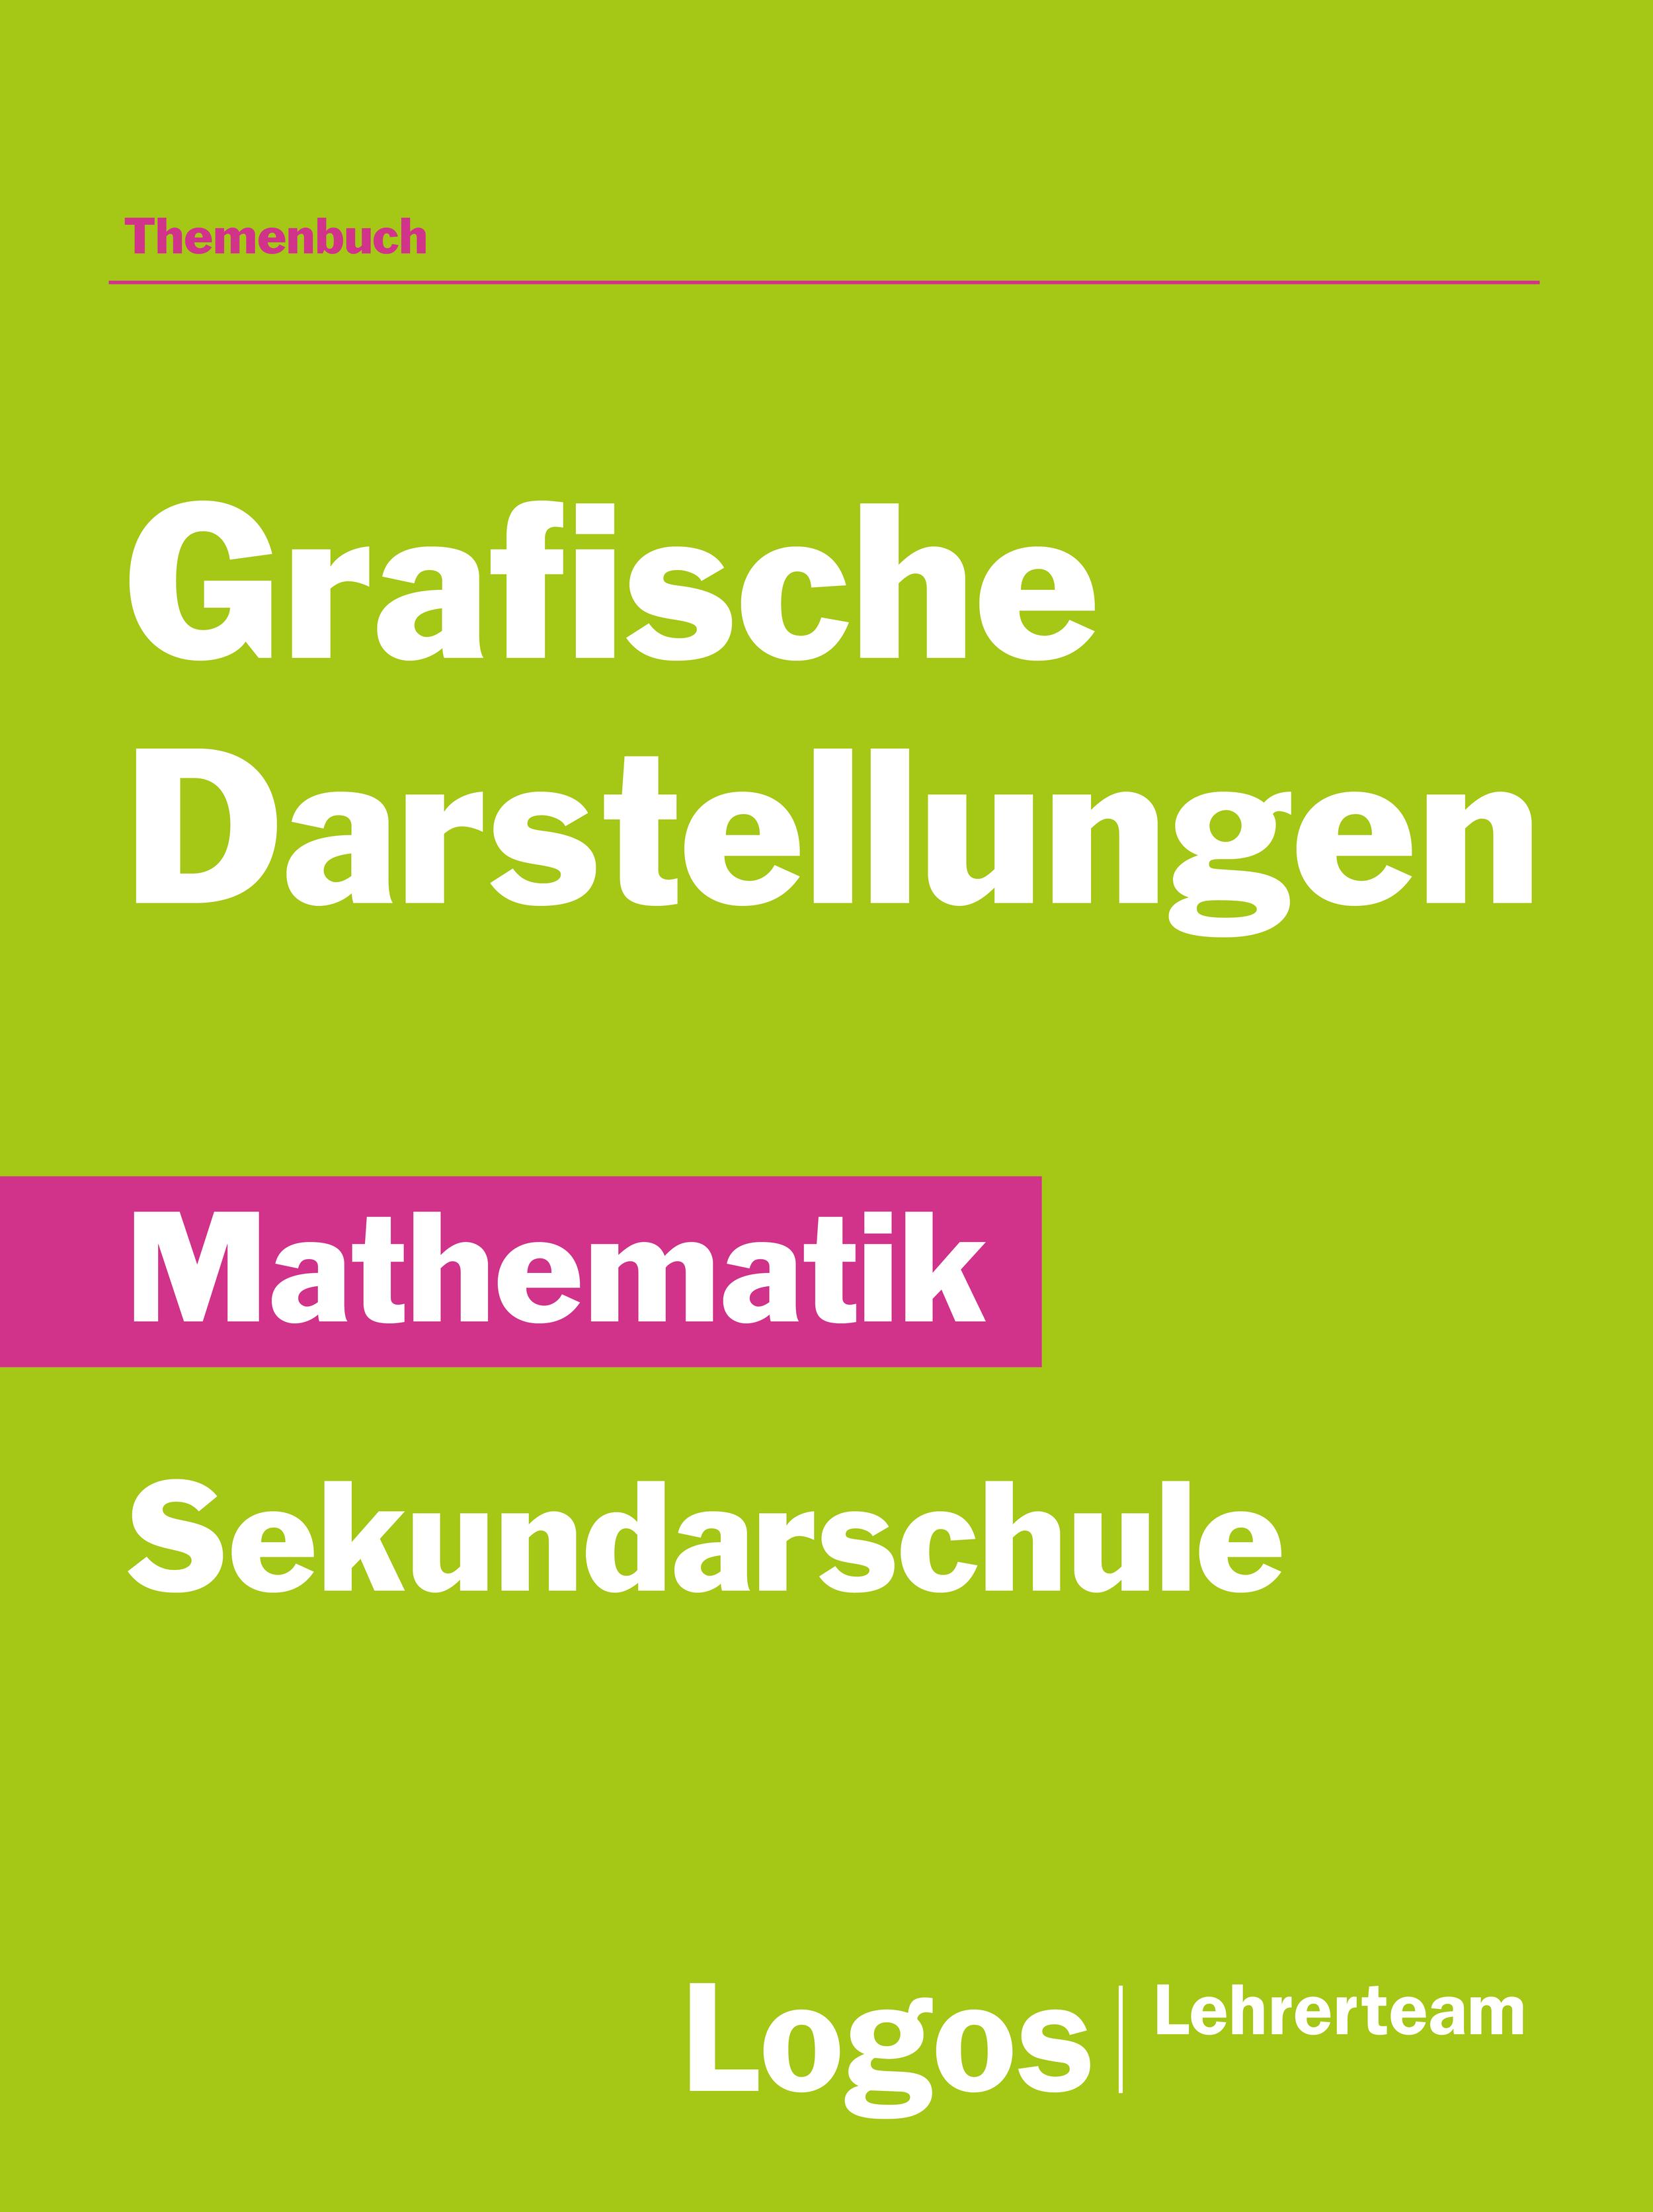 Mathematik Grafische Darstellung - Sekundar